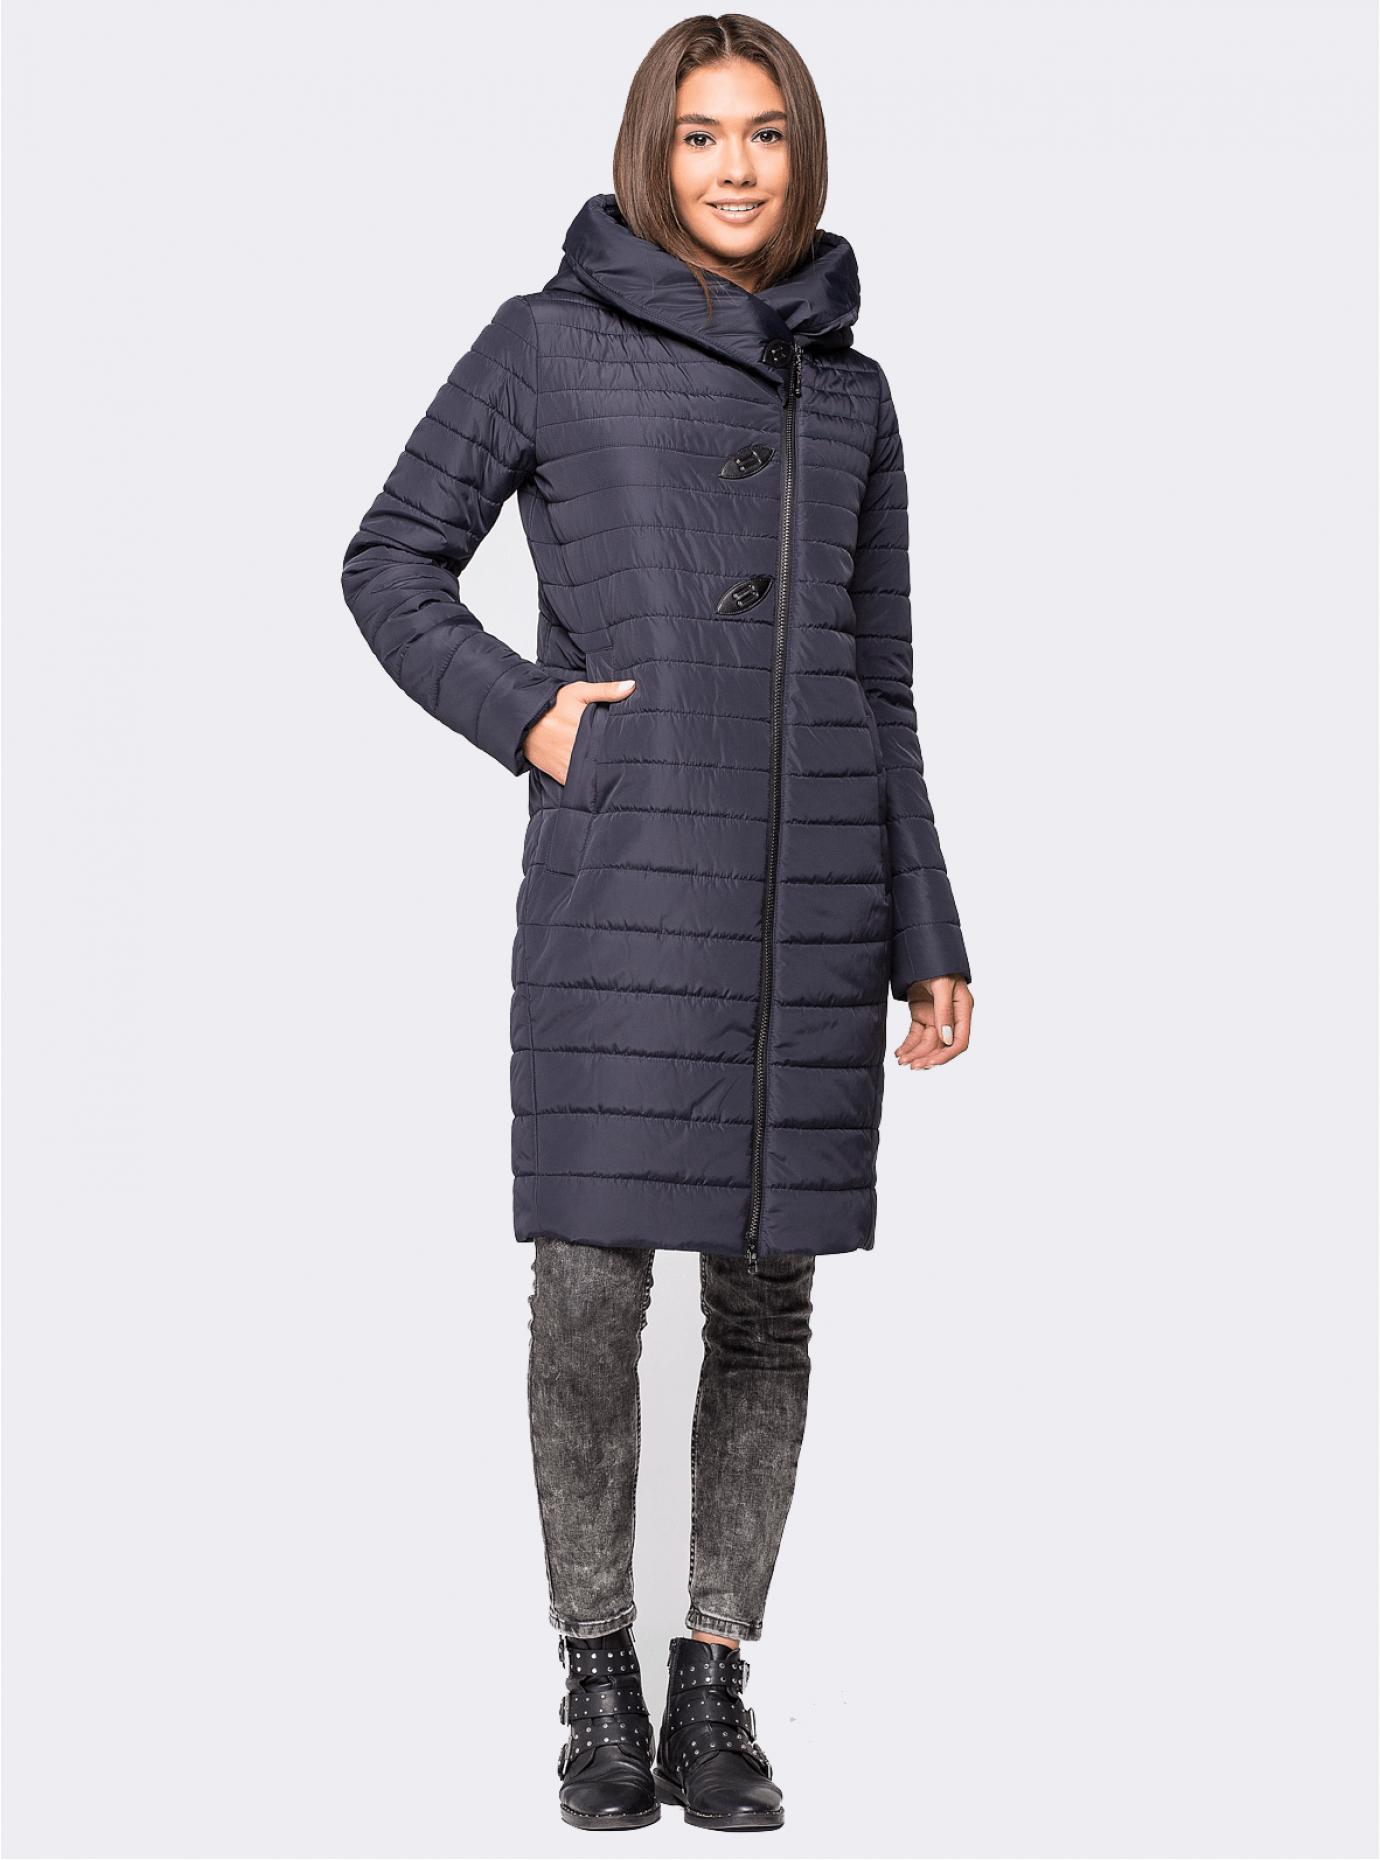 Куртка зимняя женская Синий S (01-RR17009): фото - Alster.ua